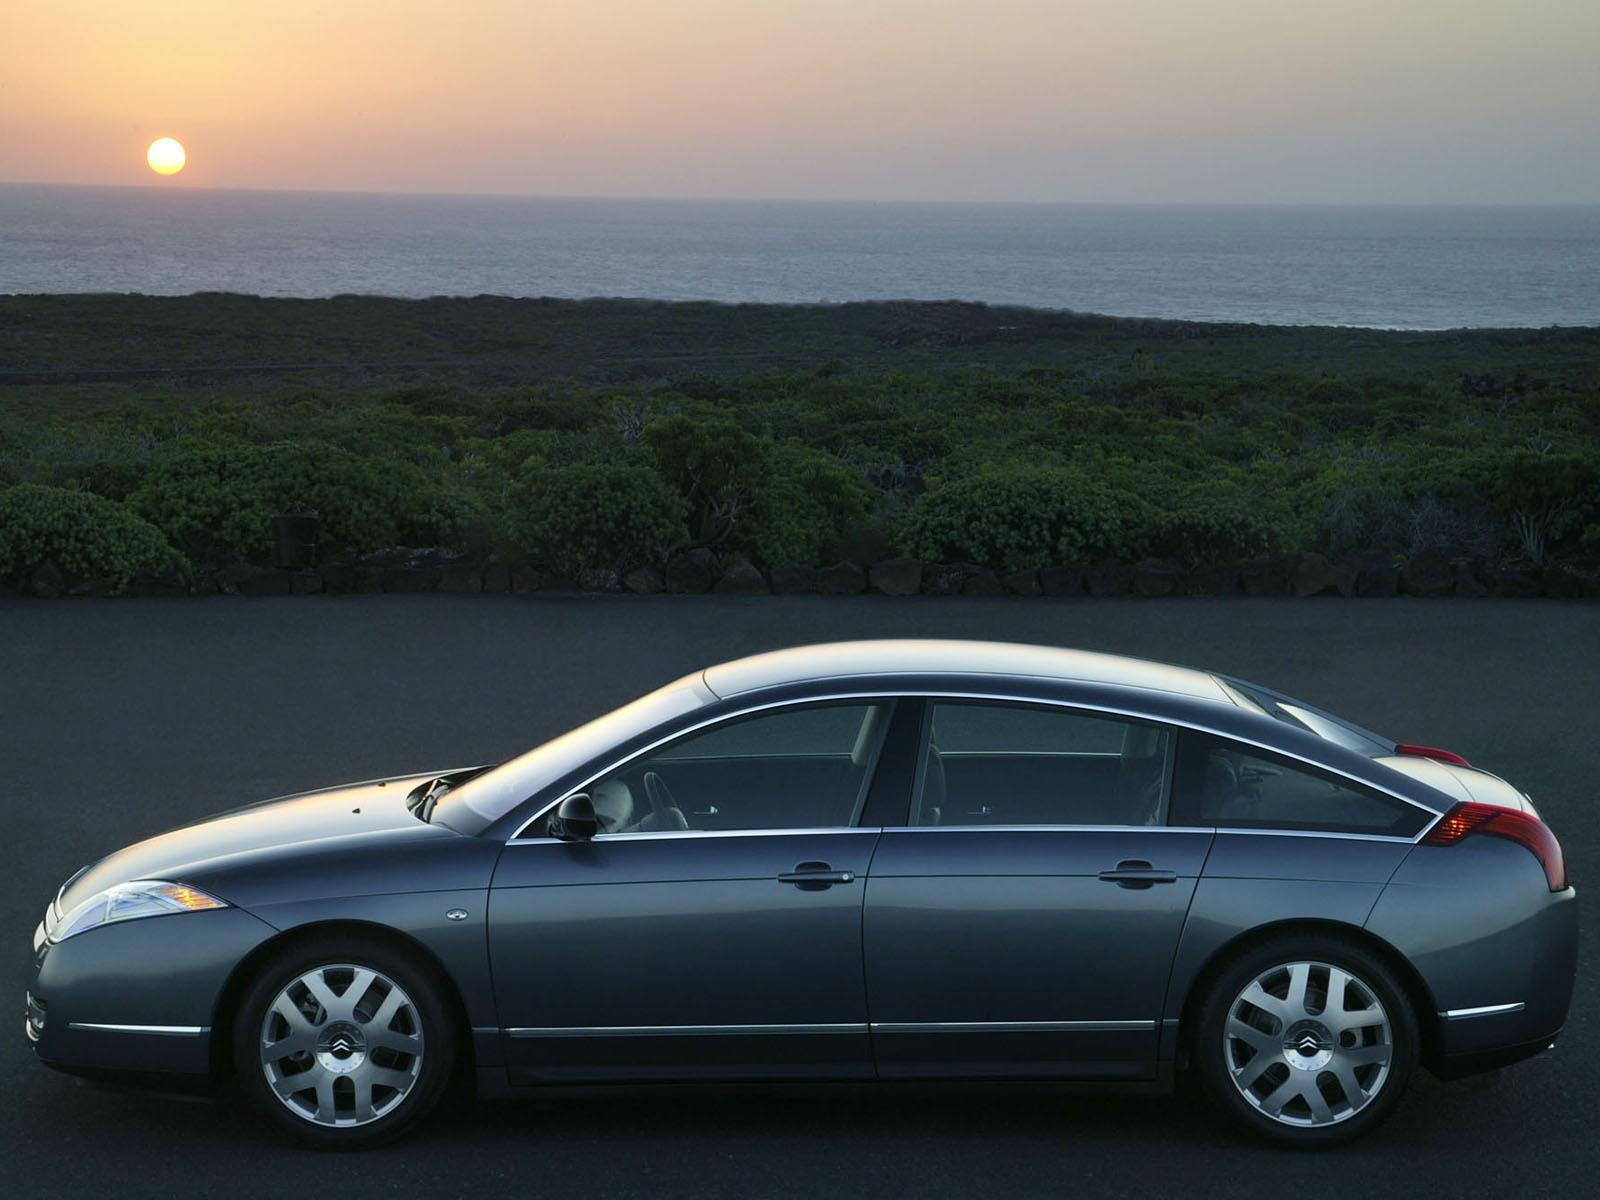 C6 V6 HDI exclusive 2005 profil